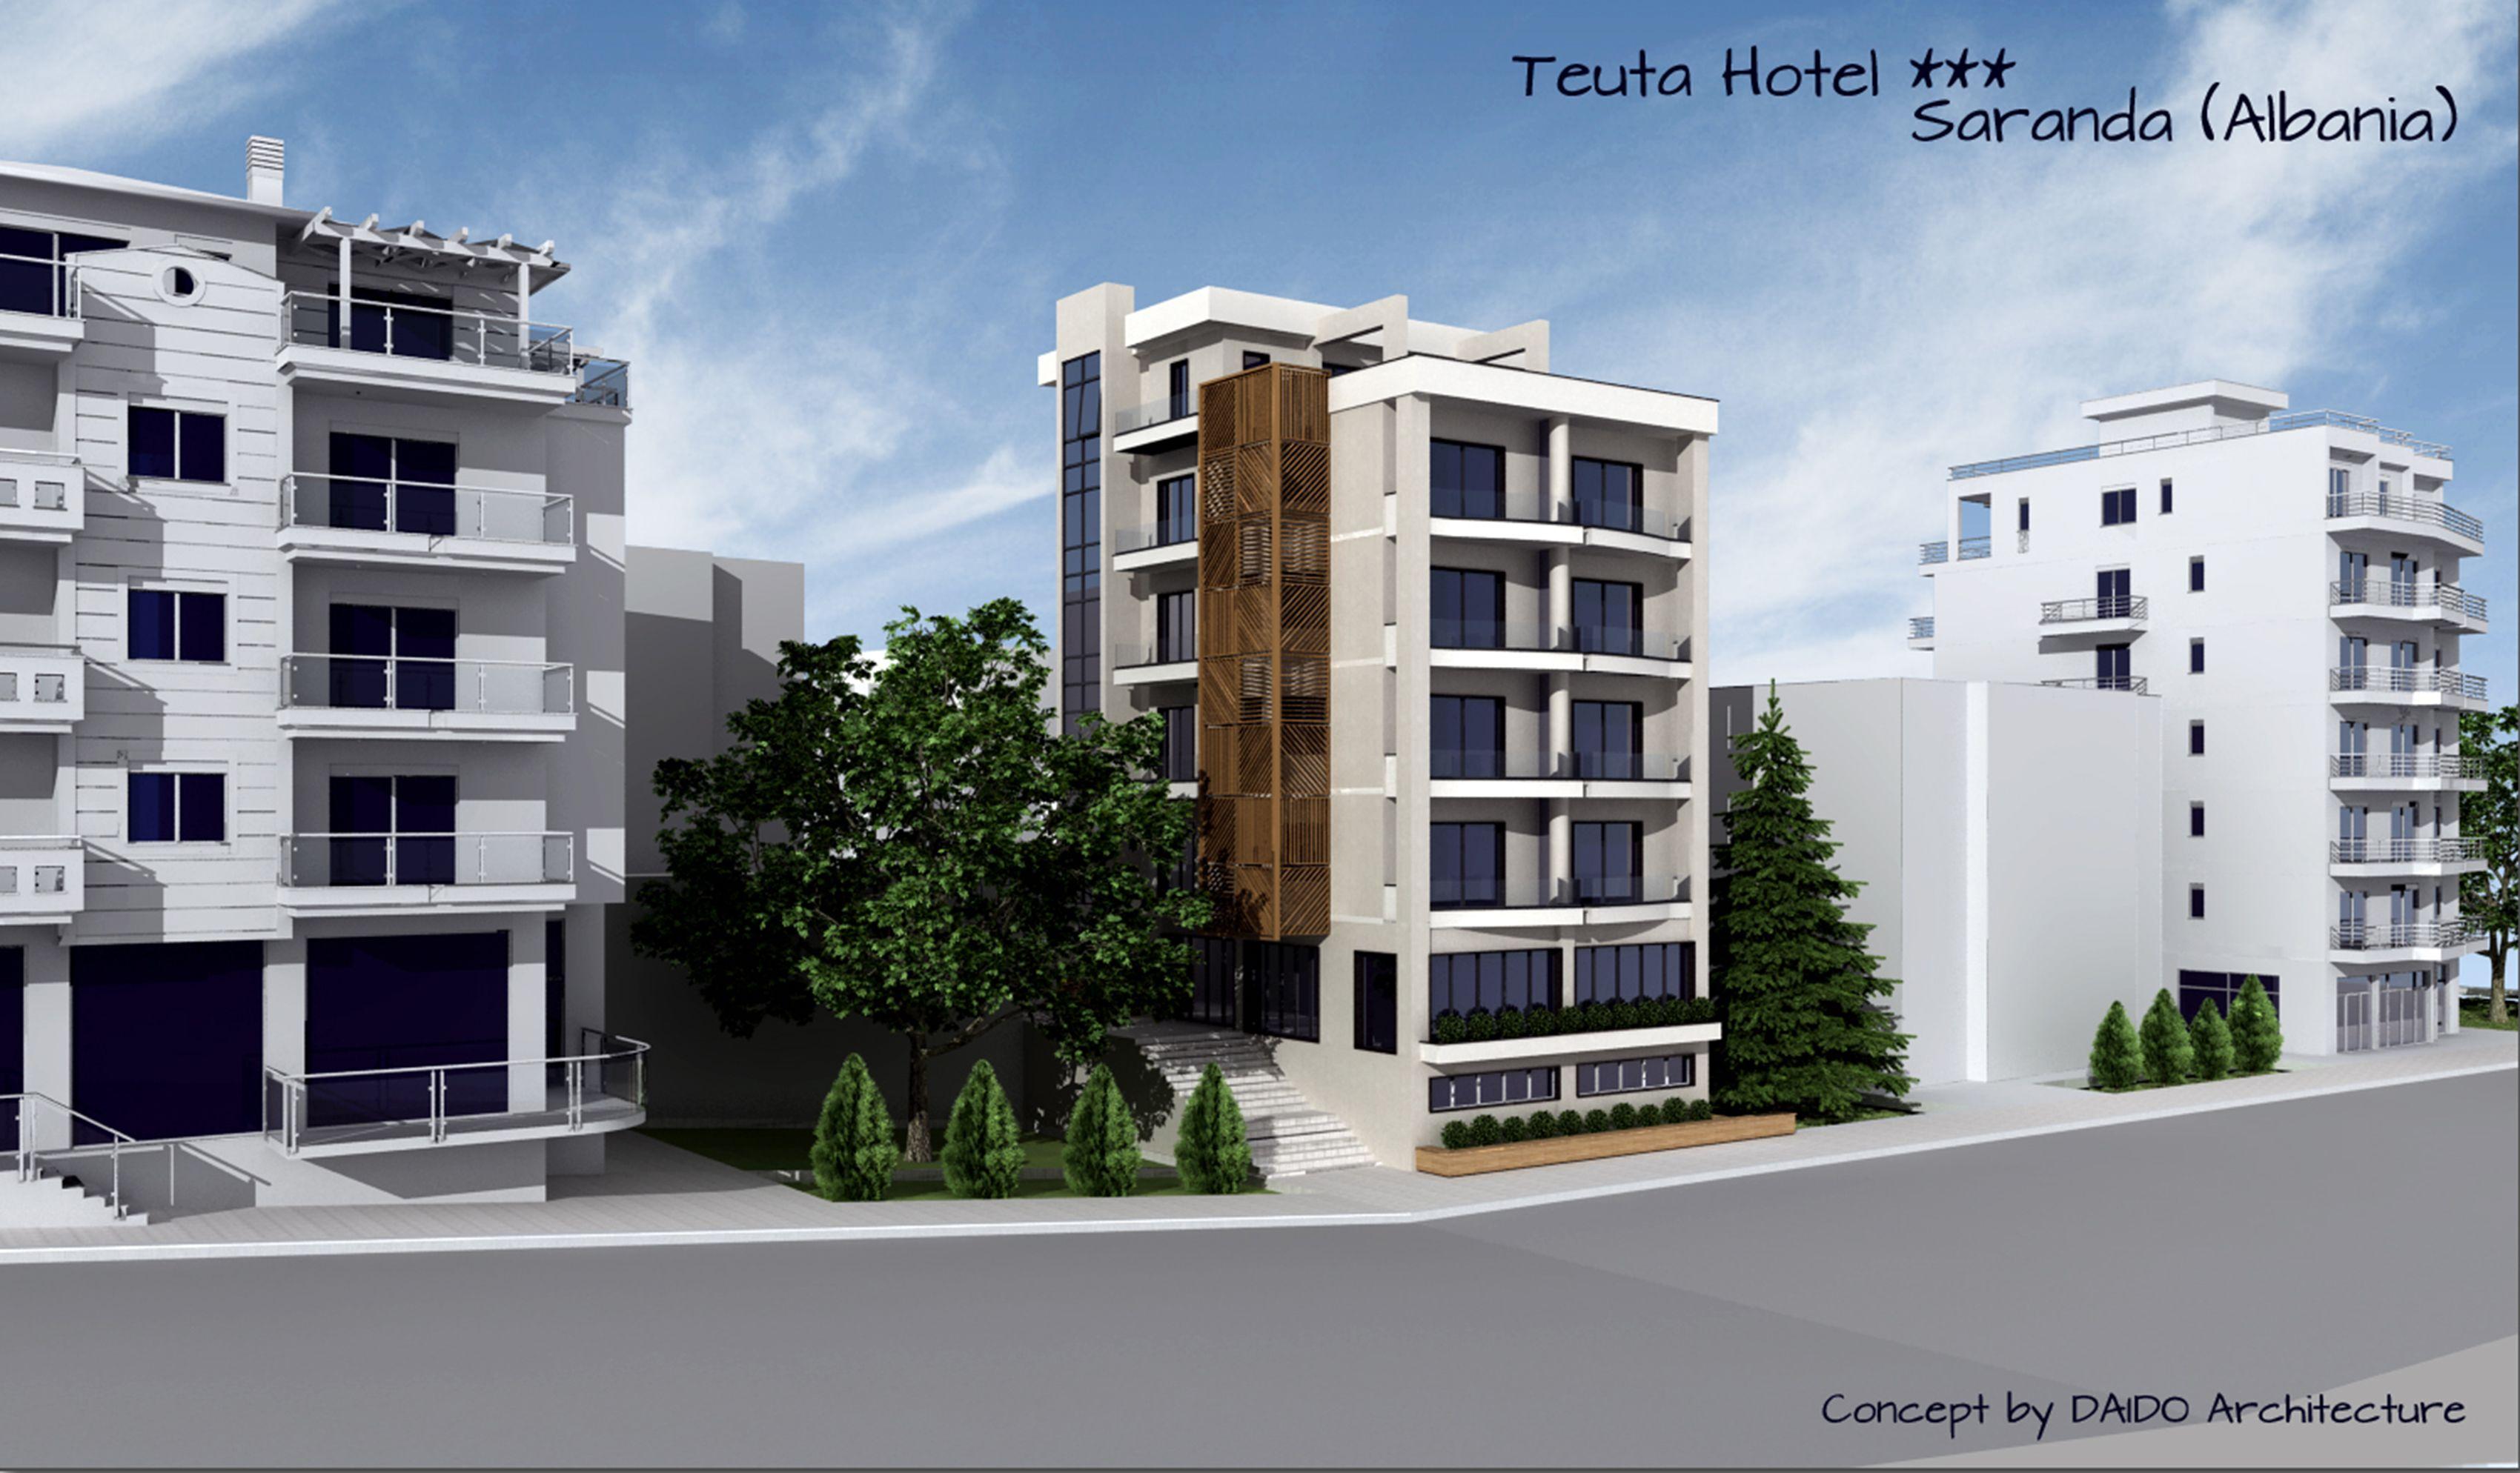 Hotel Teuta